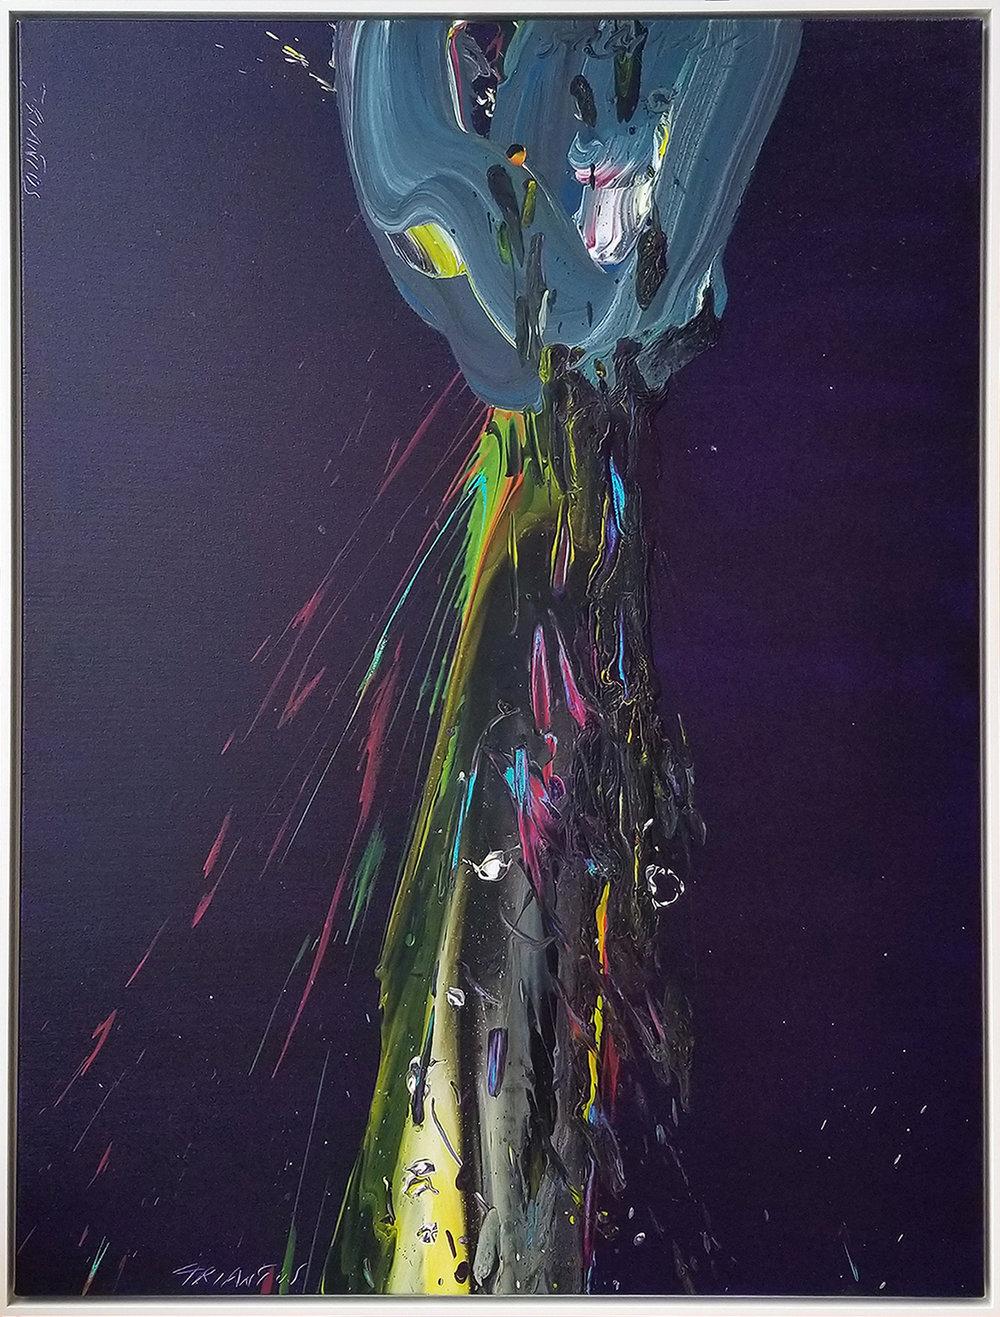 """SP² #115, 2018, acrylic on canvas, 48""""x36"""" (121 x 91.4 cm)"""